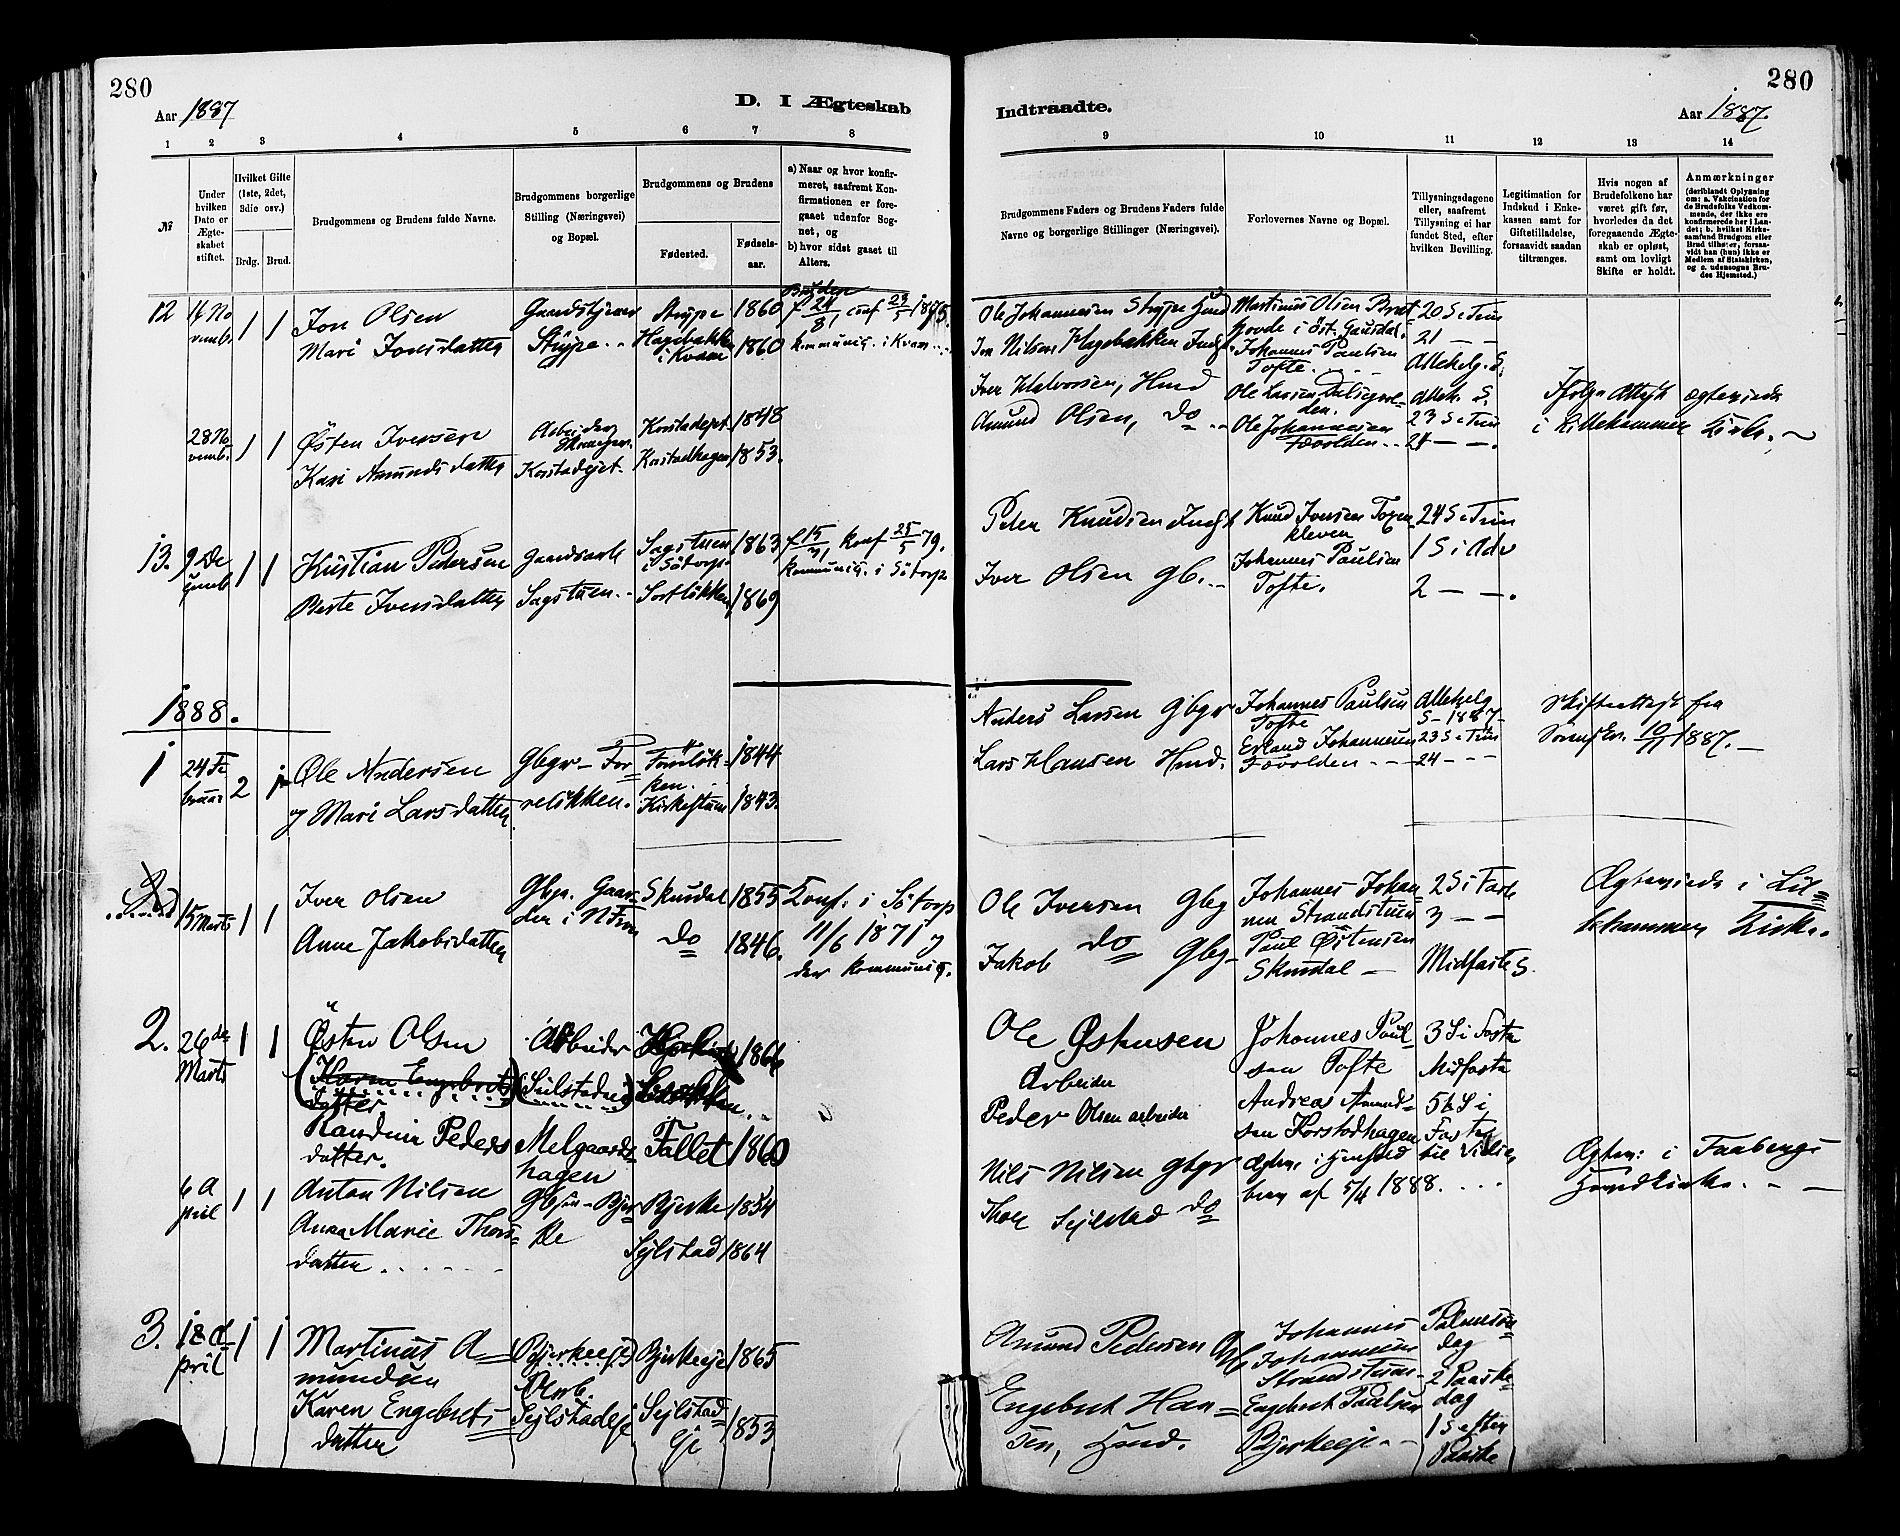 SAH, Sør-Fron prestekontor, H/Ha/Haa/L0003: Ministerialbok nr. 3, 1881-1897, s. 280